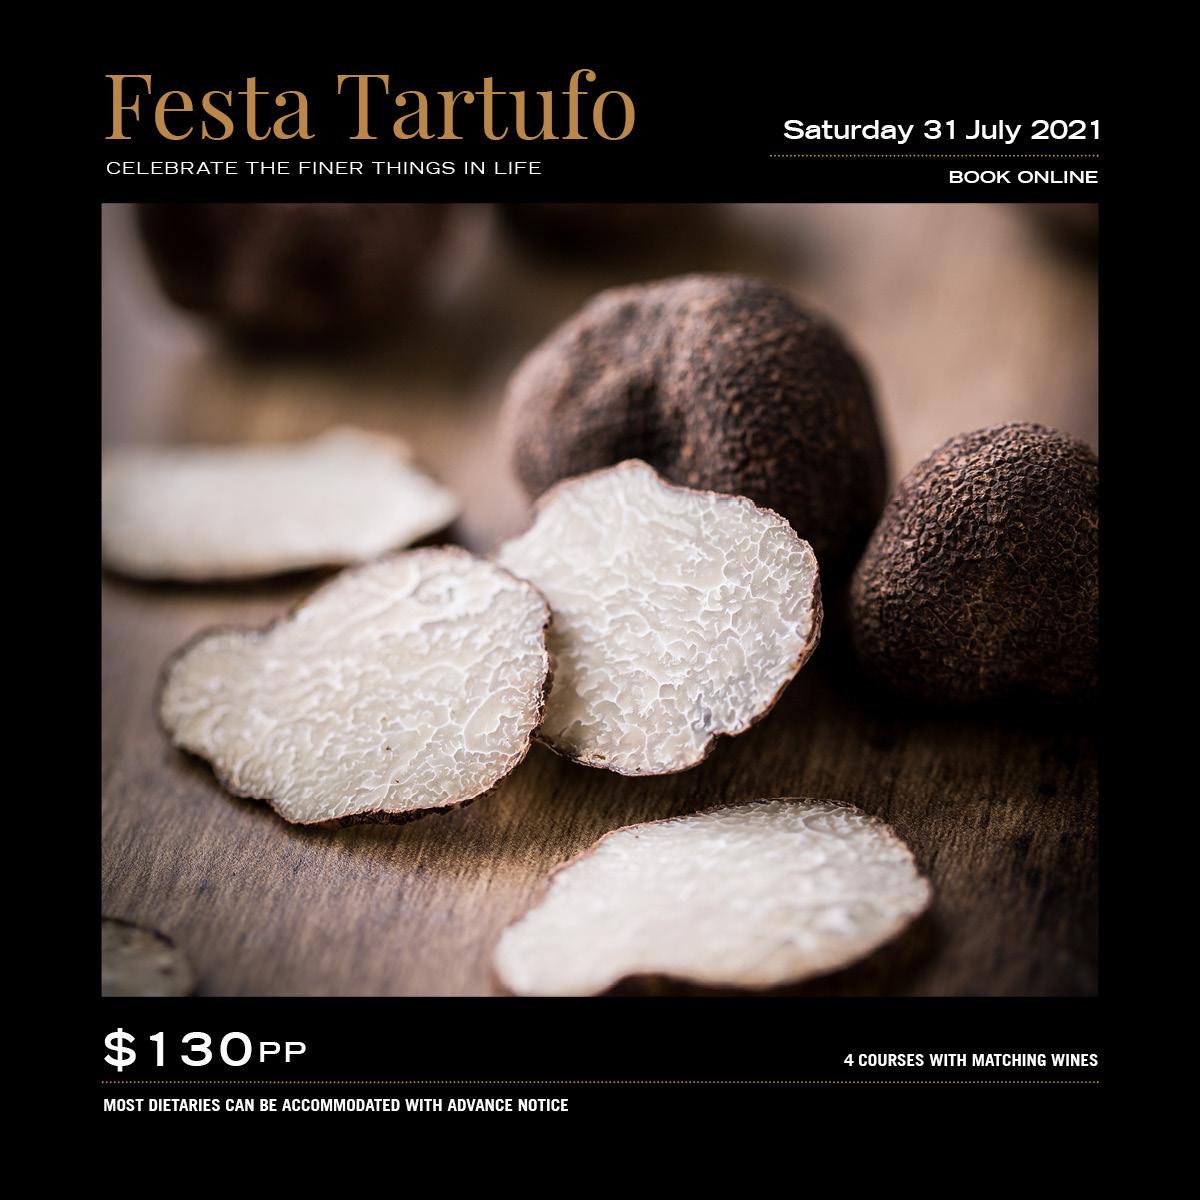 Festa Tartufo